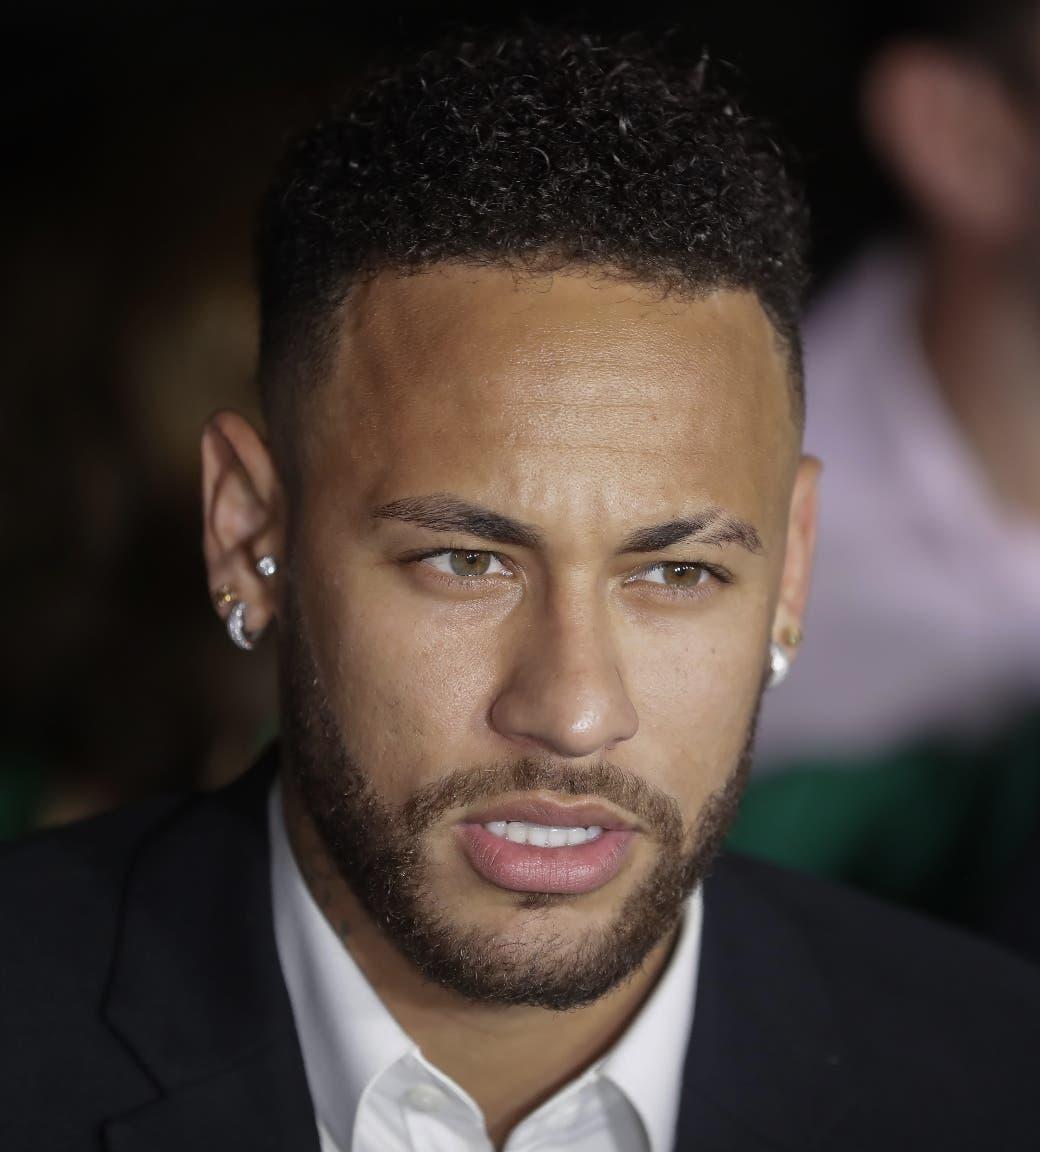 Policía tiene   vídeos de Neymar en el hotel en que joven asegura fue violada